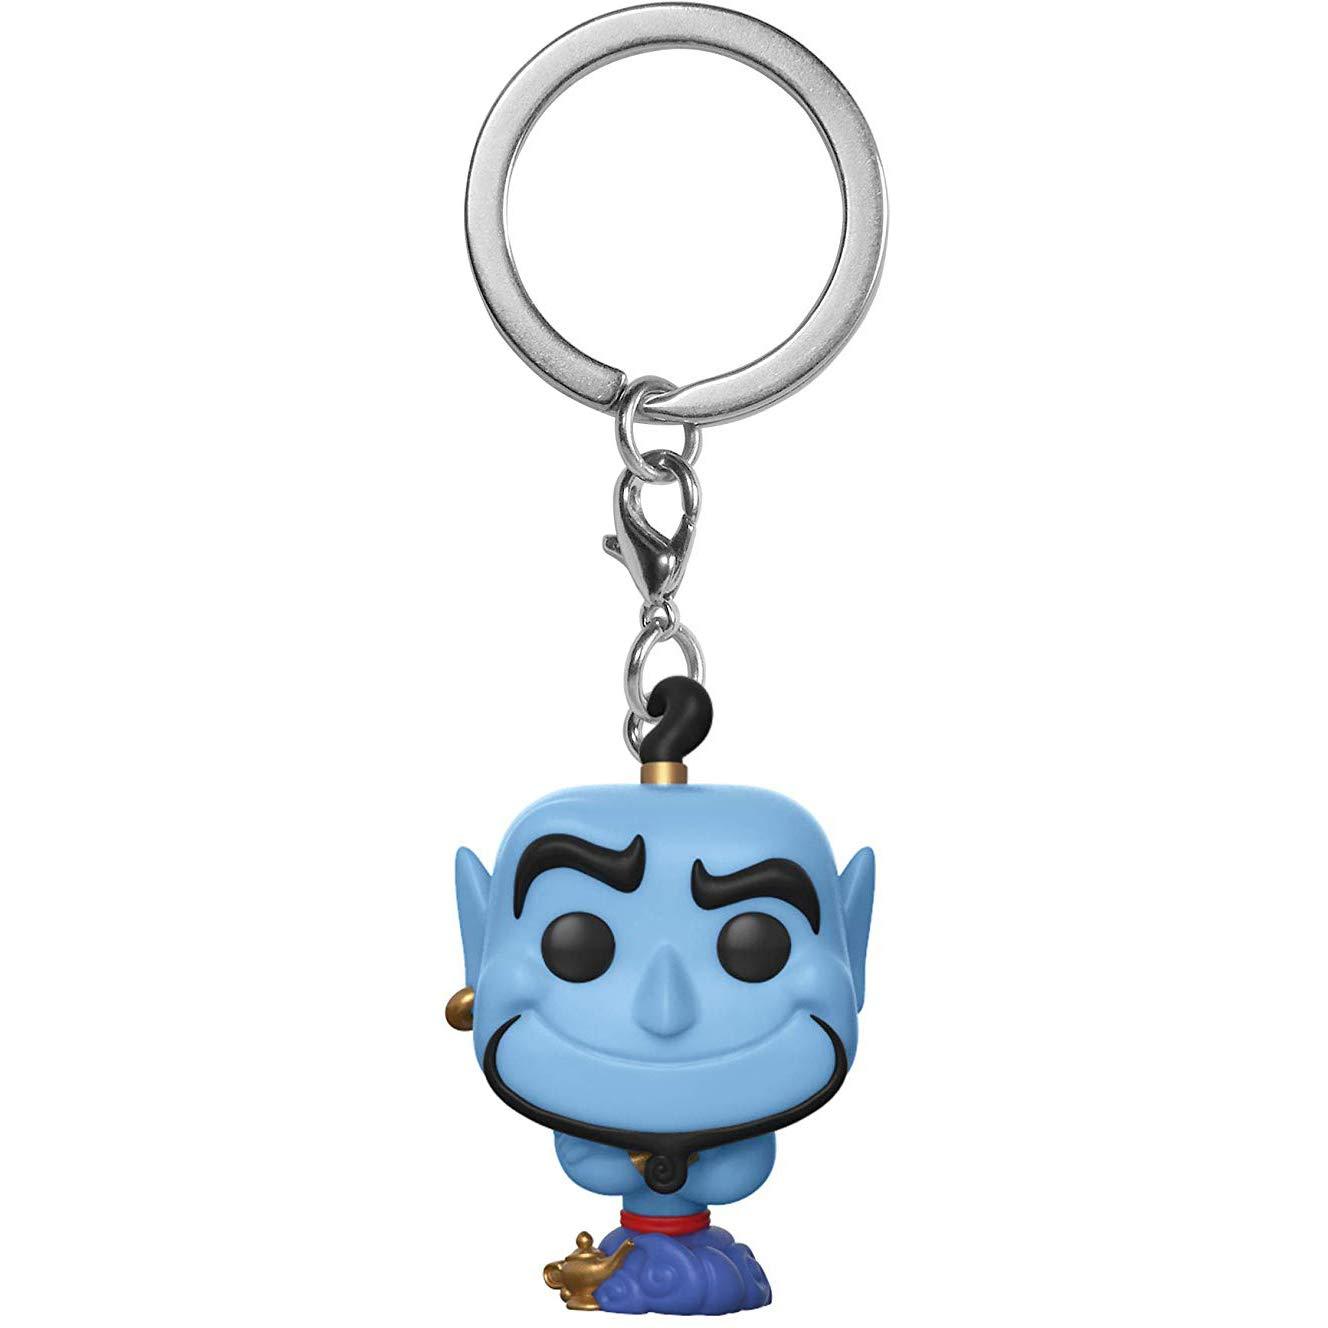 Amazon.com: Genie: Funko Pocket POP! Mini-Figural Keychain ...